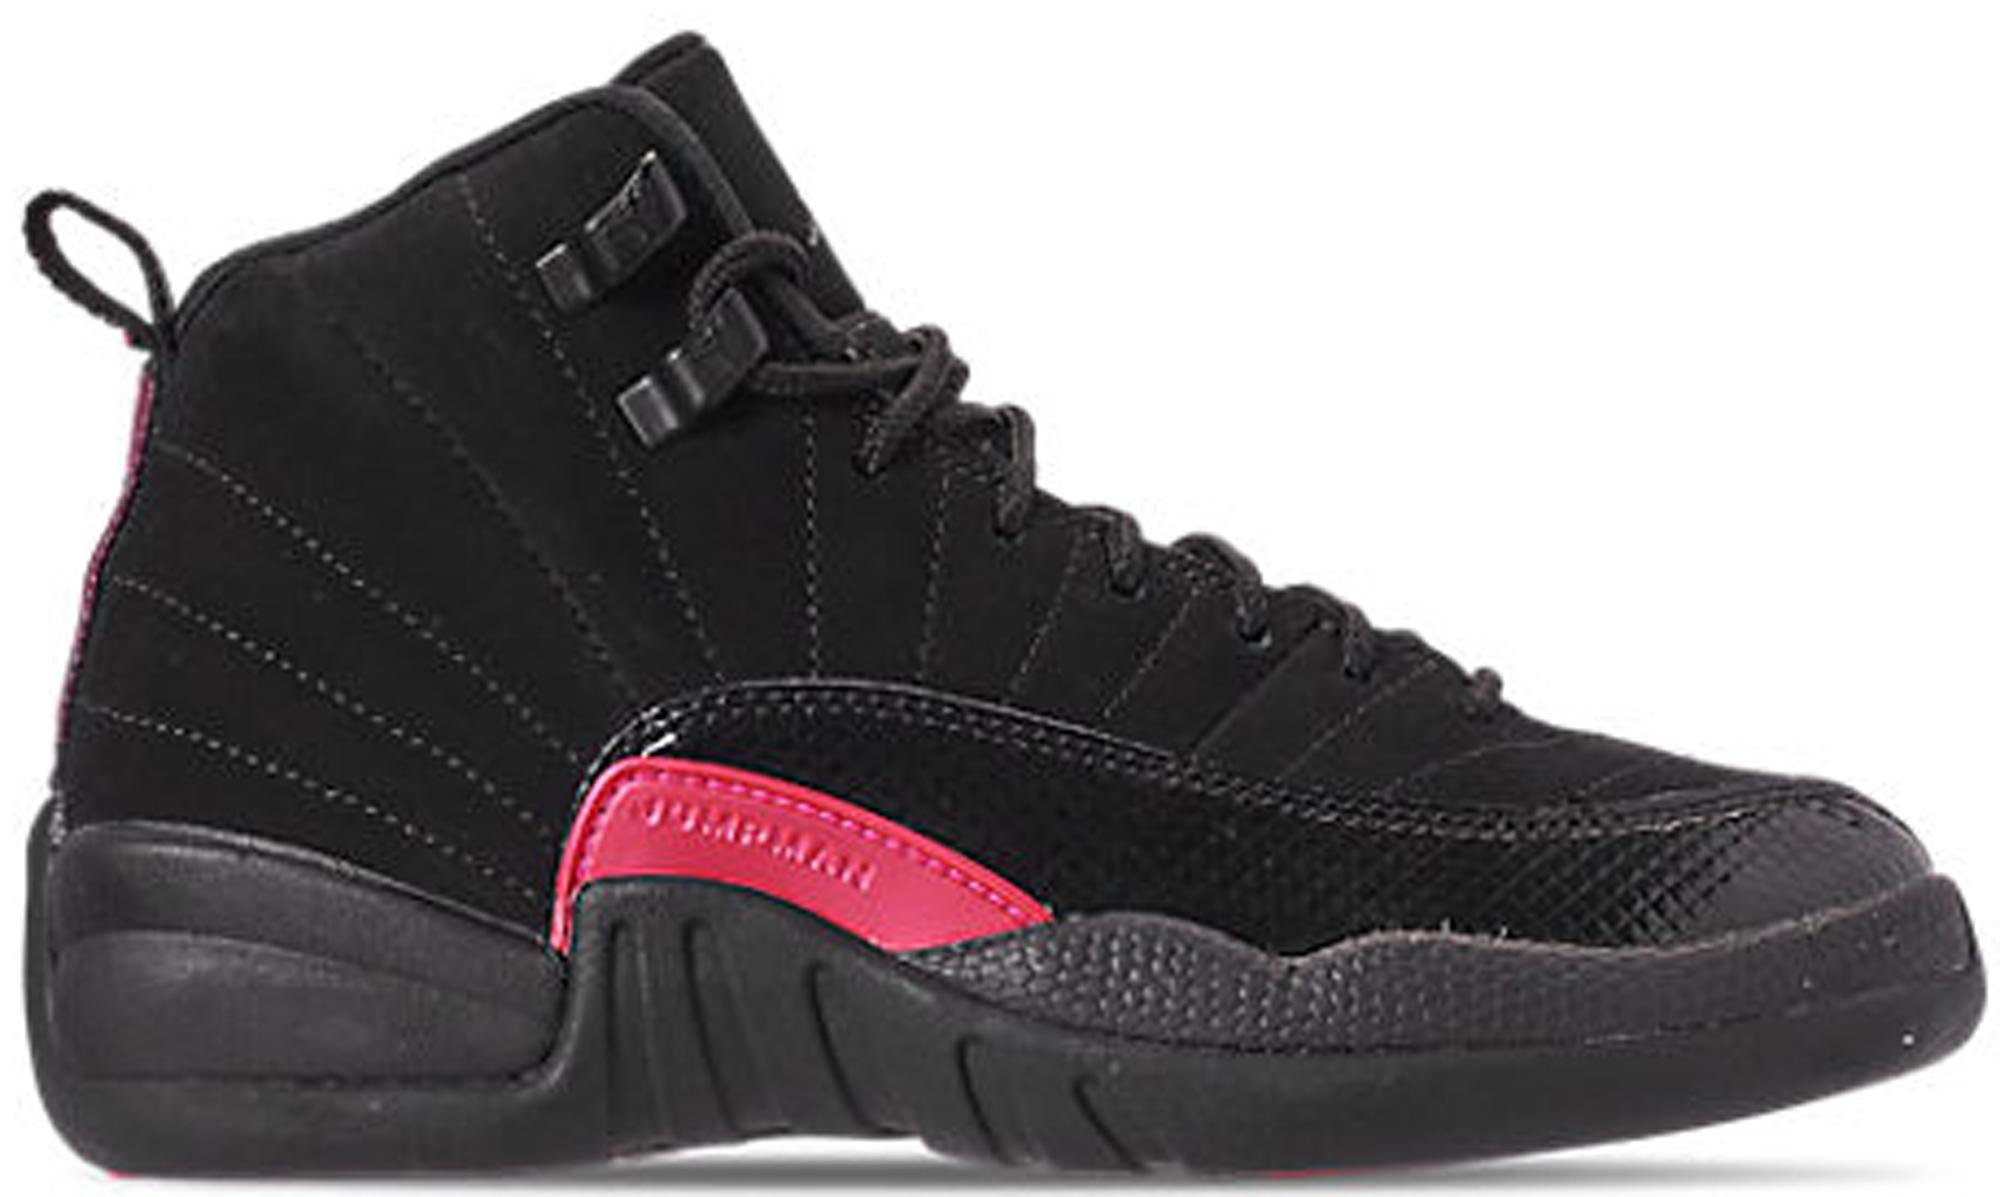 Girls Air Jordan 12 Black Rush Pink